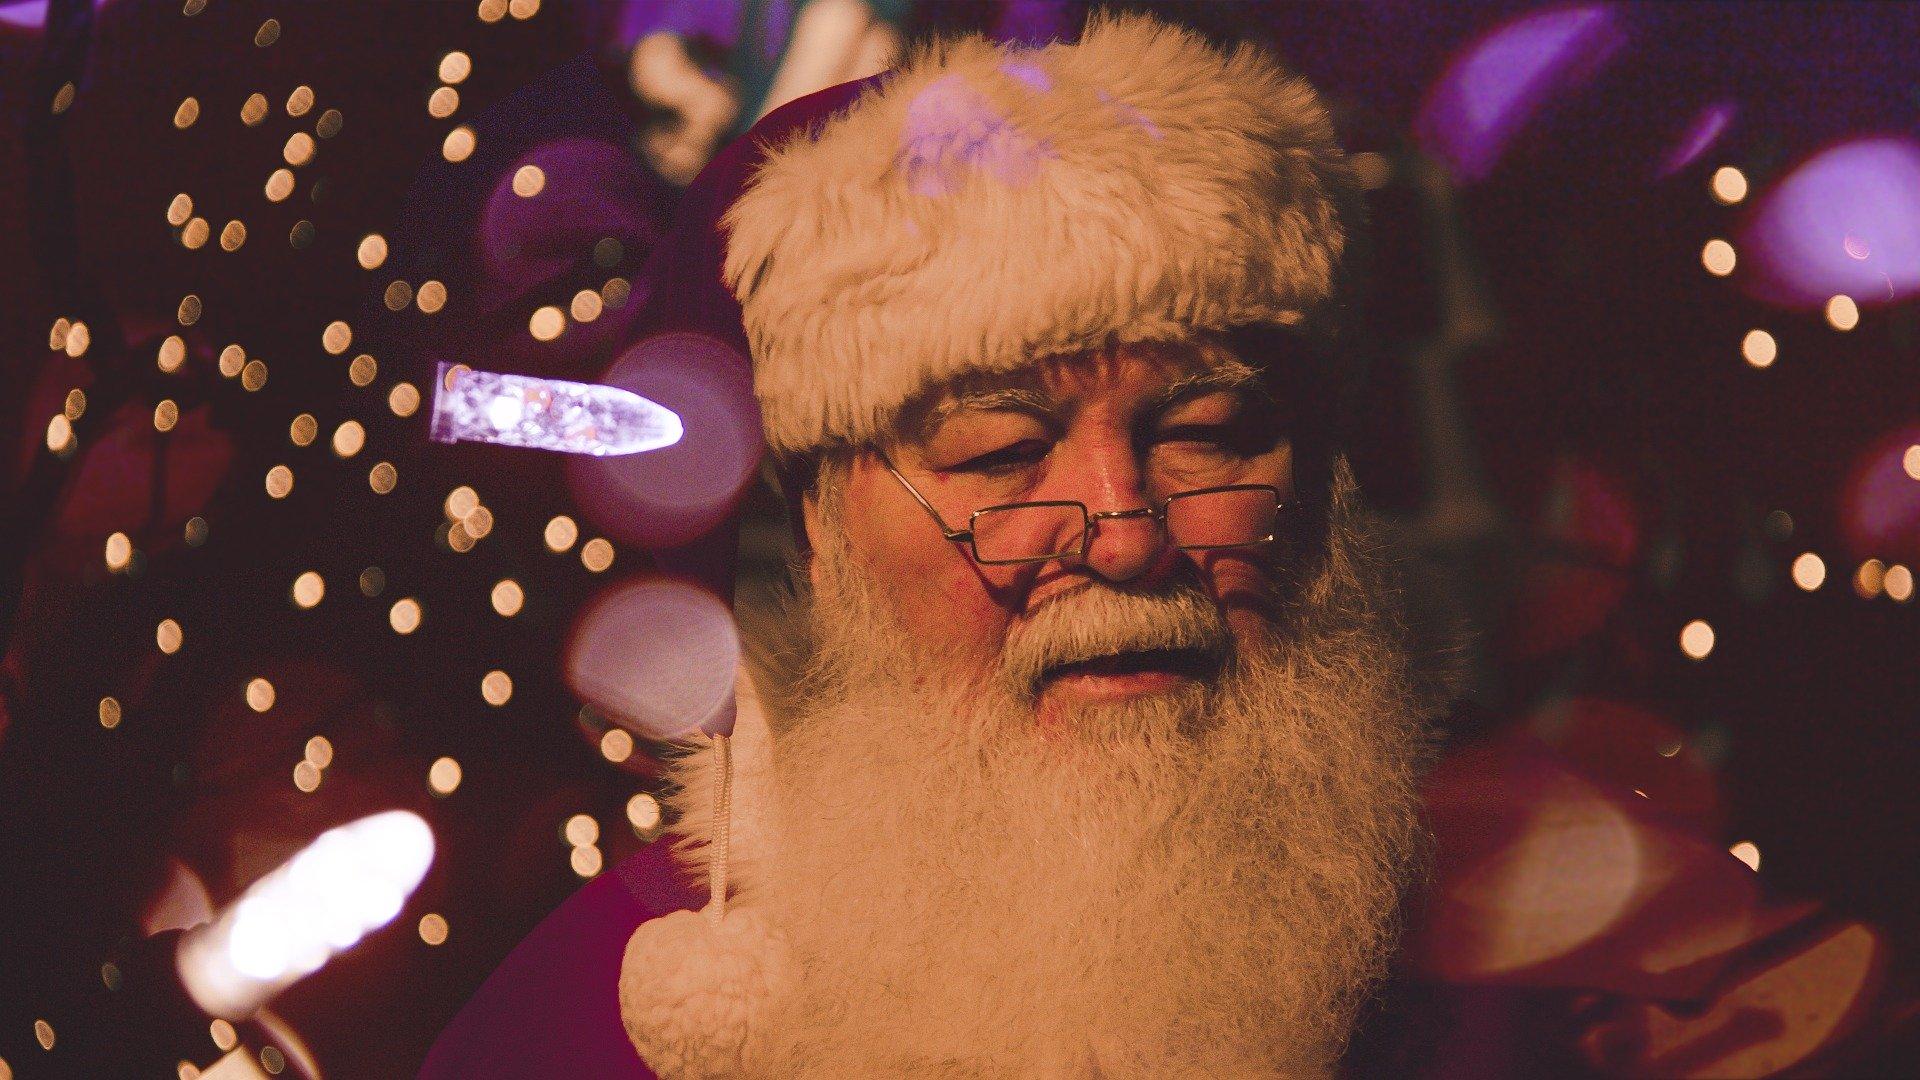 Torna il Villaggio di Babbo Natale a Rivoli: le attrazioni dell'edizione 2019 - Mole24